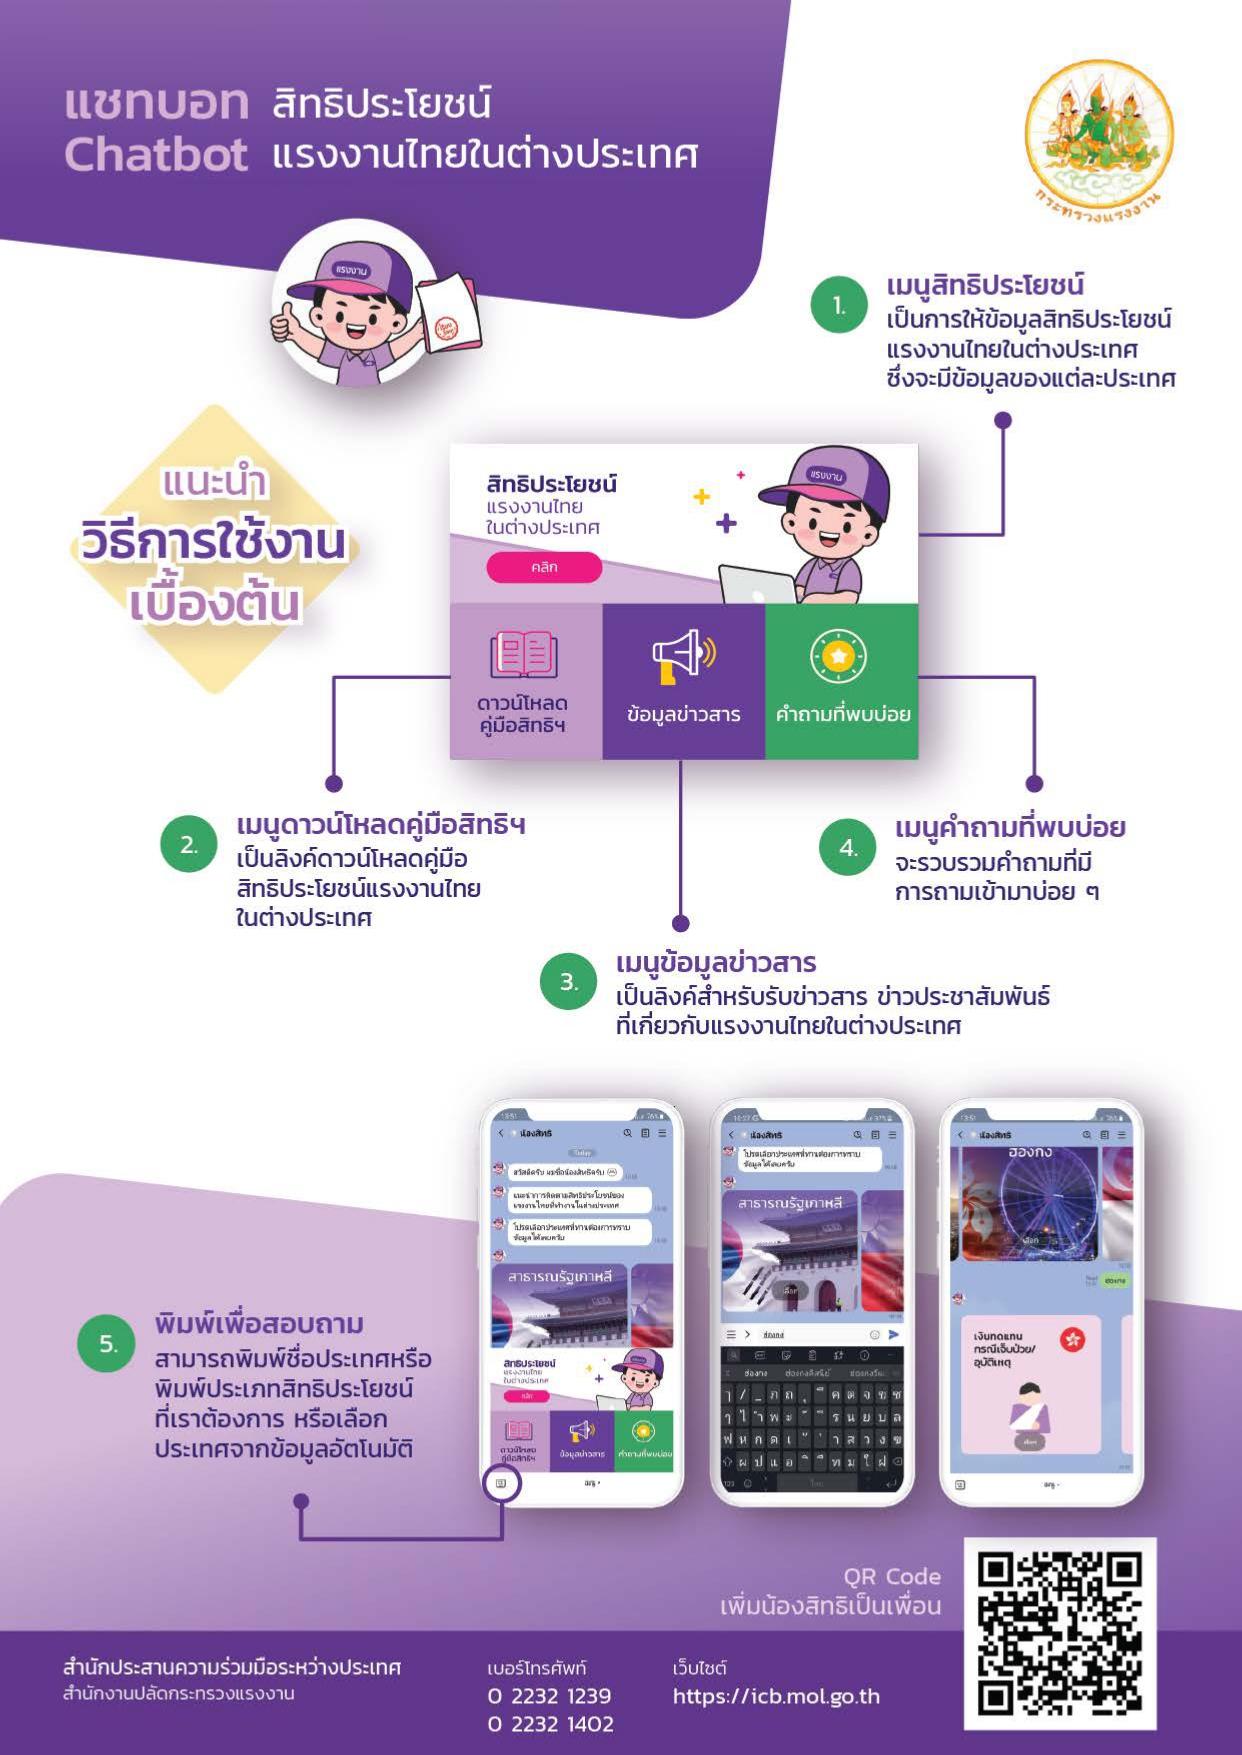 """ระบบตอบรับข้อมูลสิทธิประโยชน์แรงงานไทยในต่างประเทศแบบอัตโนมัติ (Chatbot) """"น้องสิทธิ"""""""